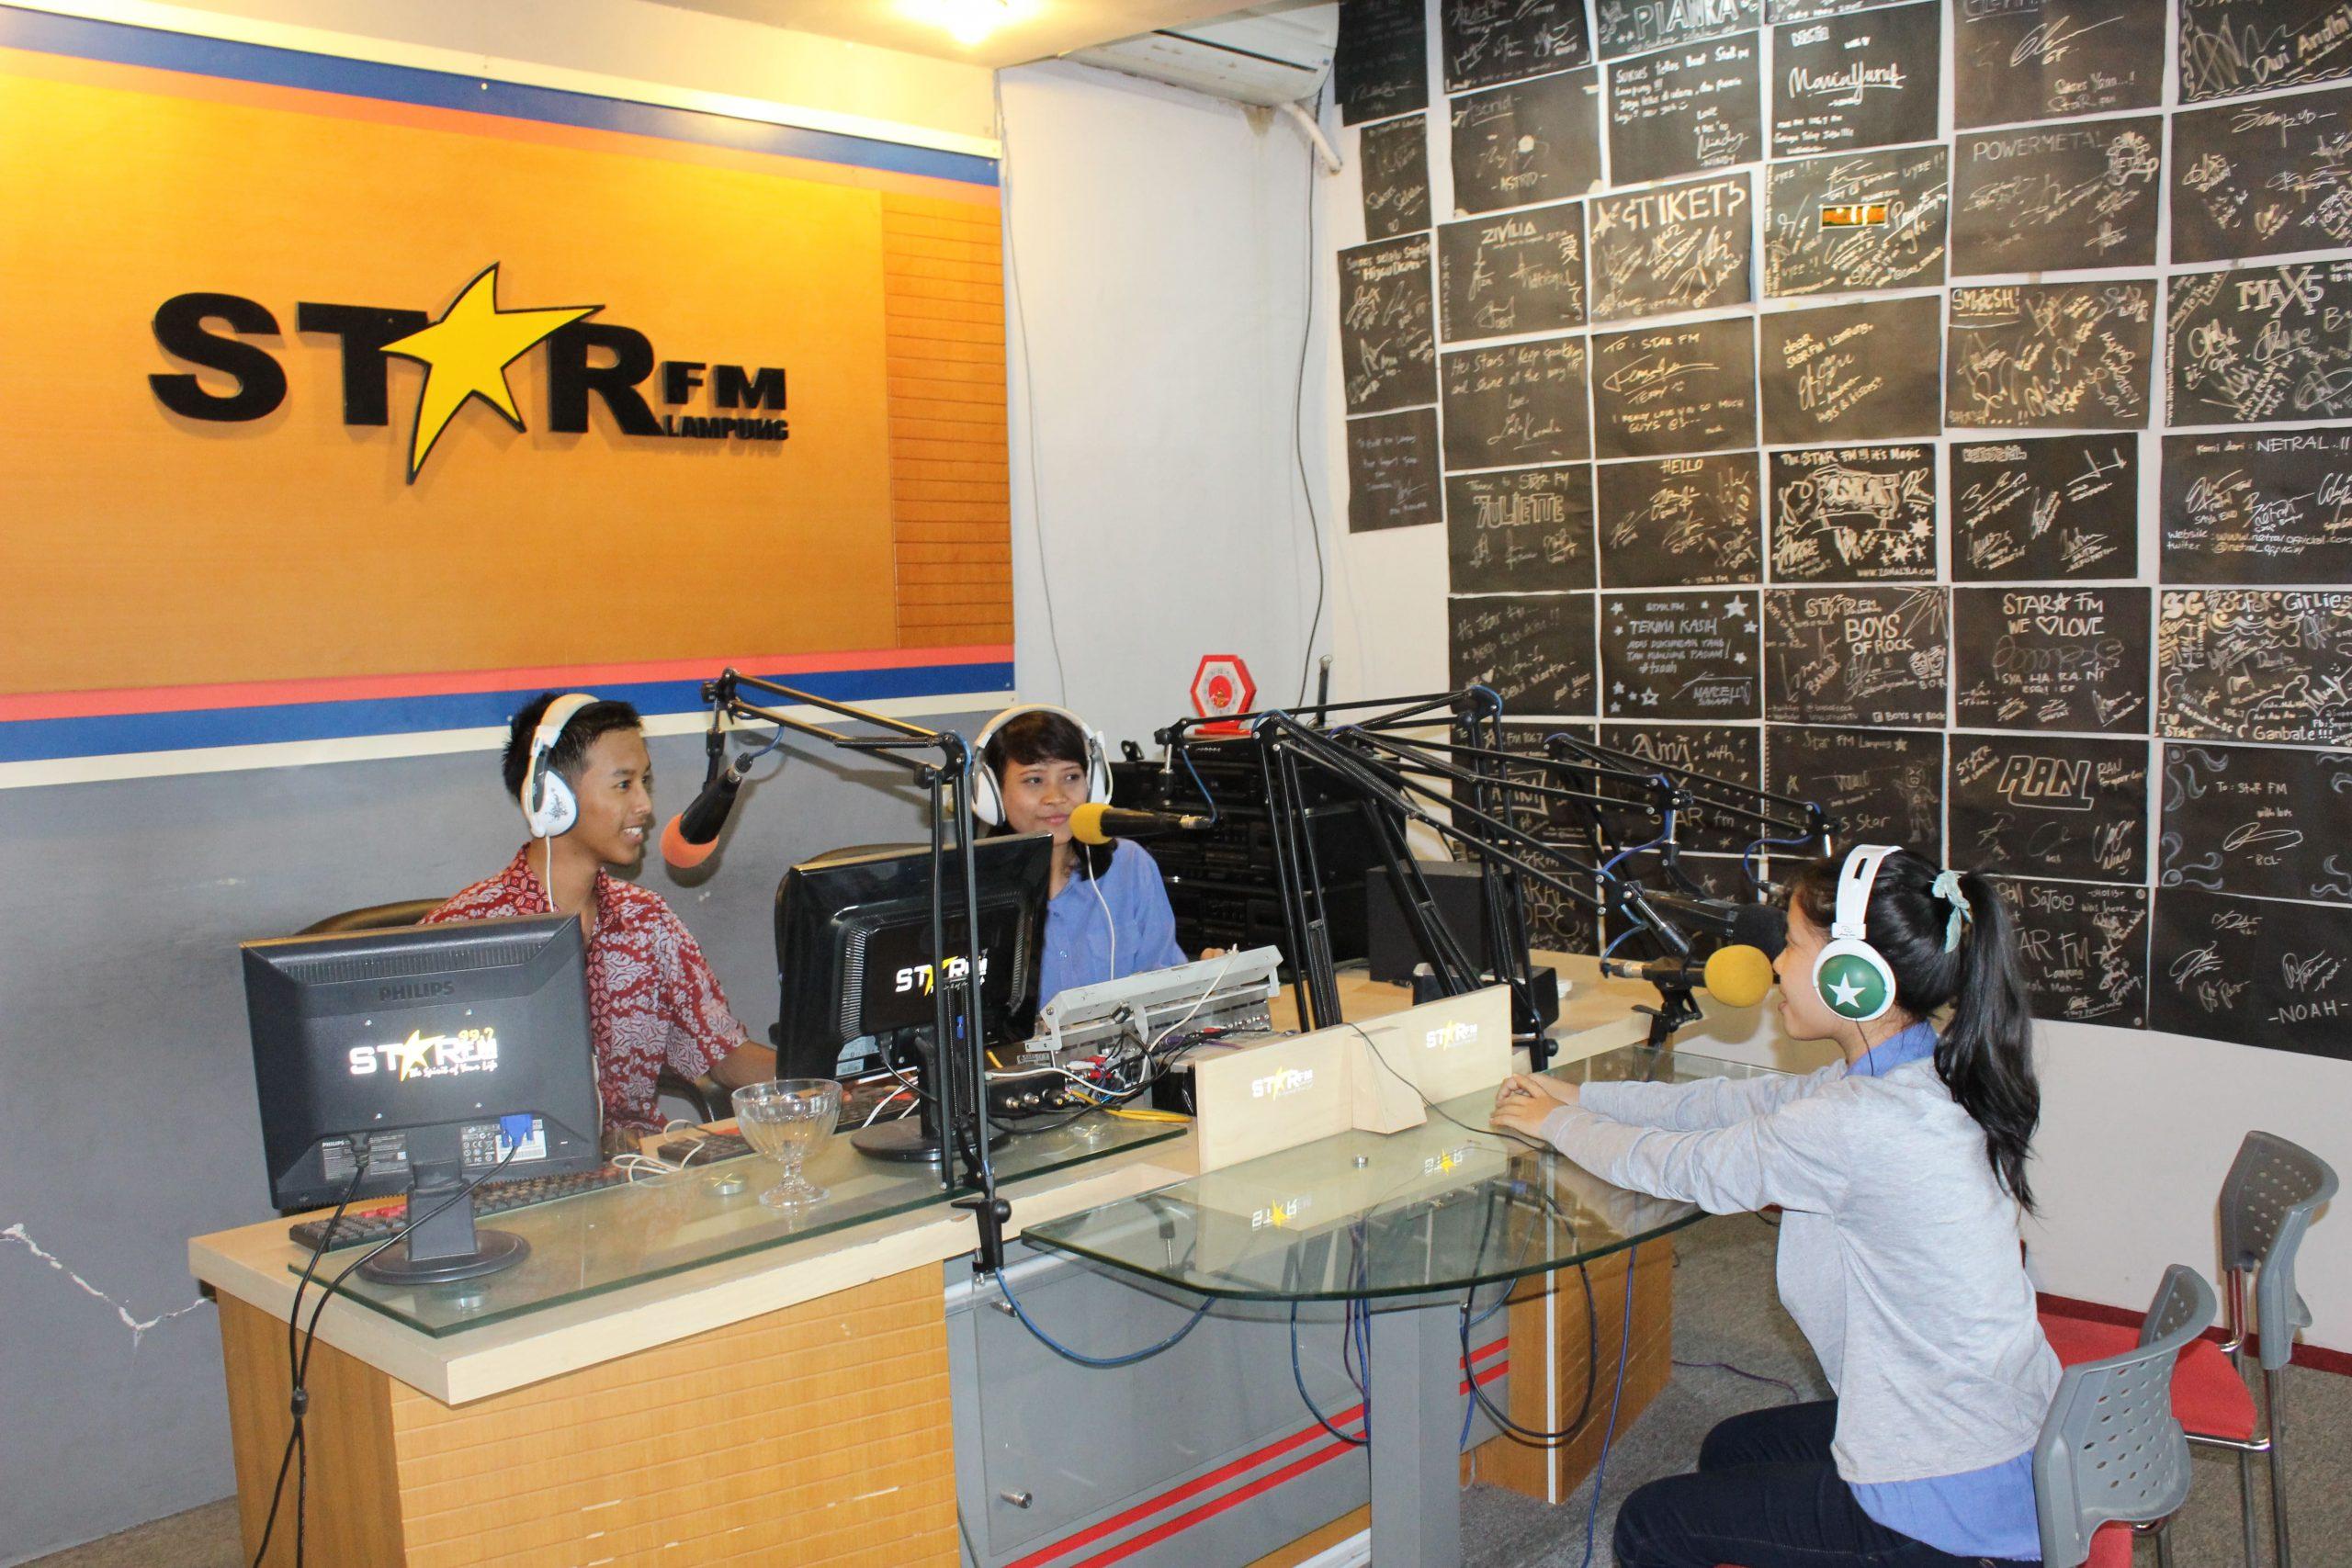 Studio Star FM